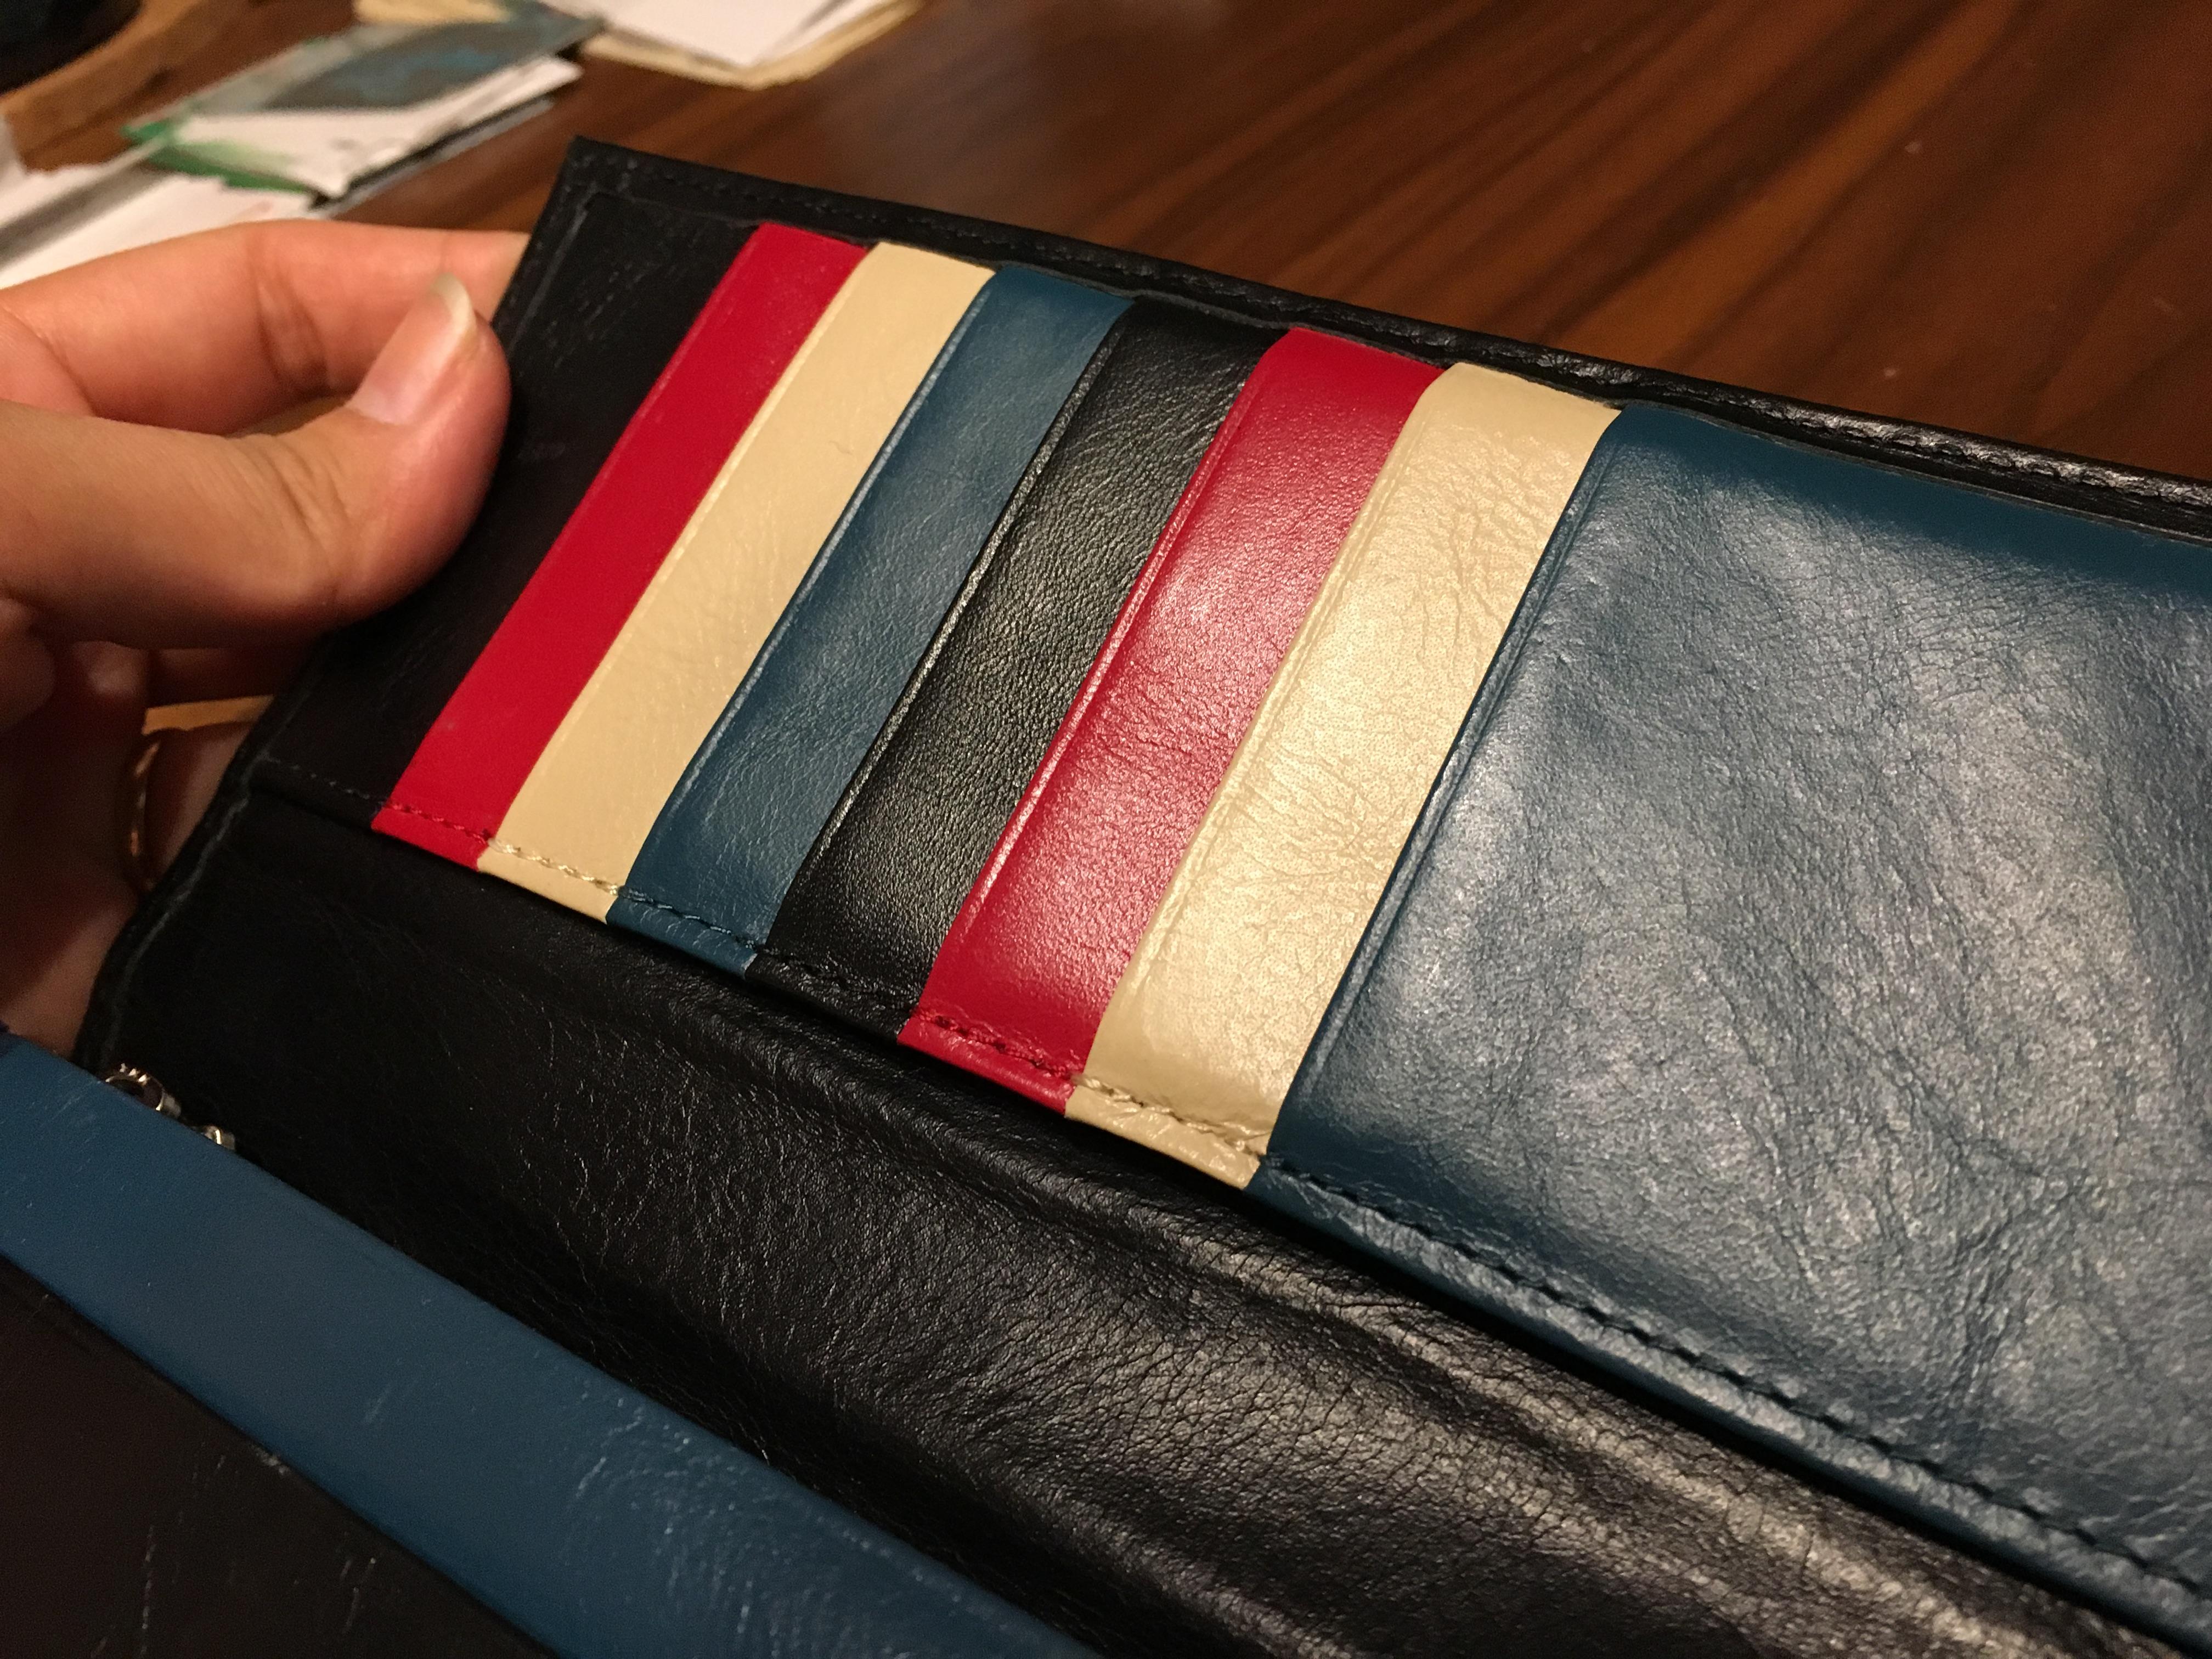 JOGGOジョッゴの財布!口コミ・評判と実際買ってみたレビュー